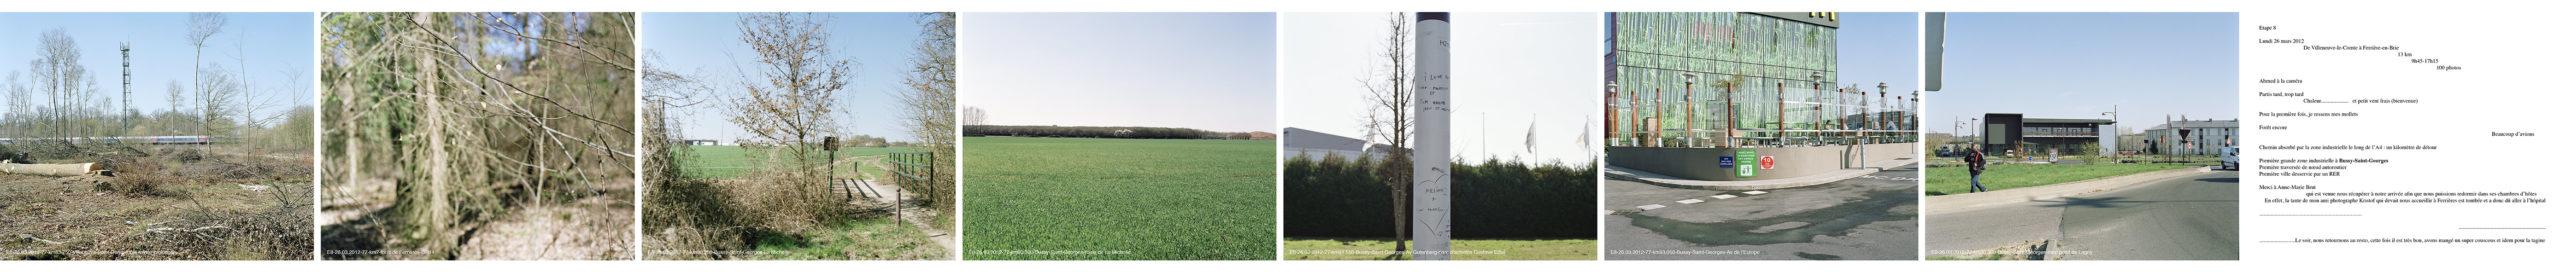 marcher/créer, déambuler, parcourir, photographier le paysage, photographier le territoire, paysage urbain, paysage périurbain, paysage de campagne, paysage architecturale, territoire de la région île-de-France, regard sur le Grand Paris, Villeneuve-le-Comte / Ferrière-en-Brie